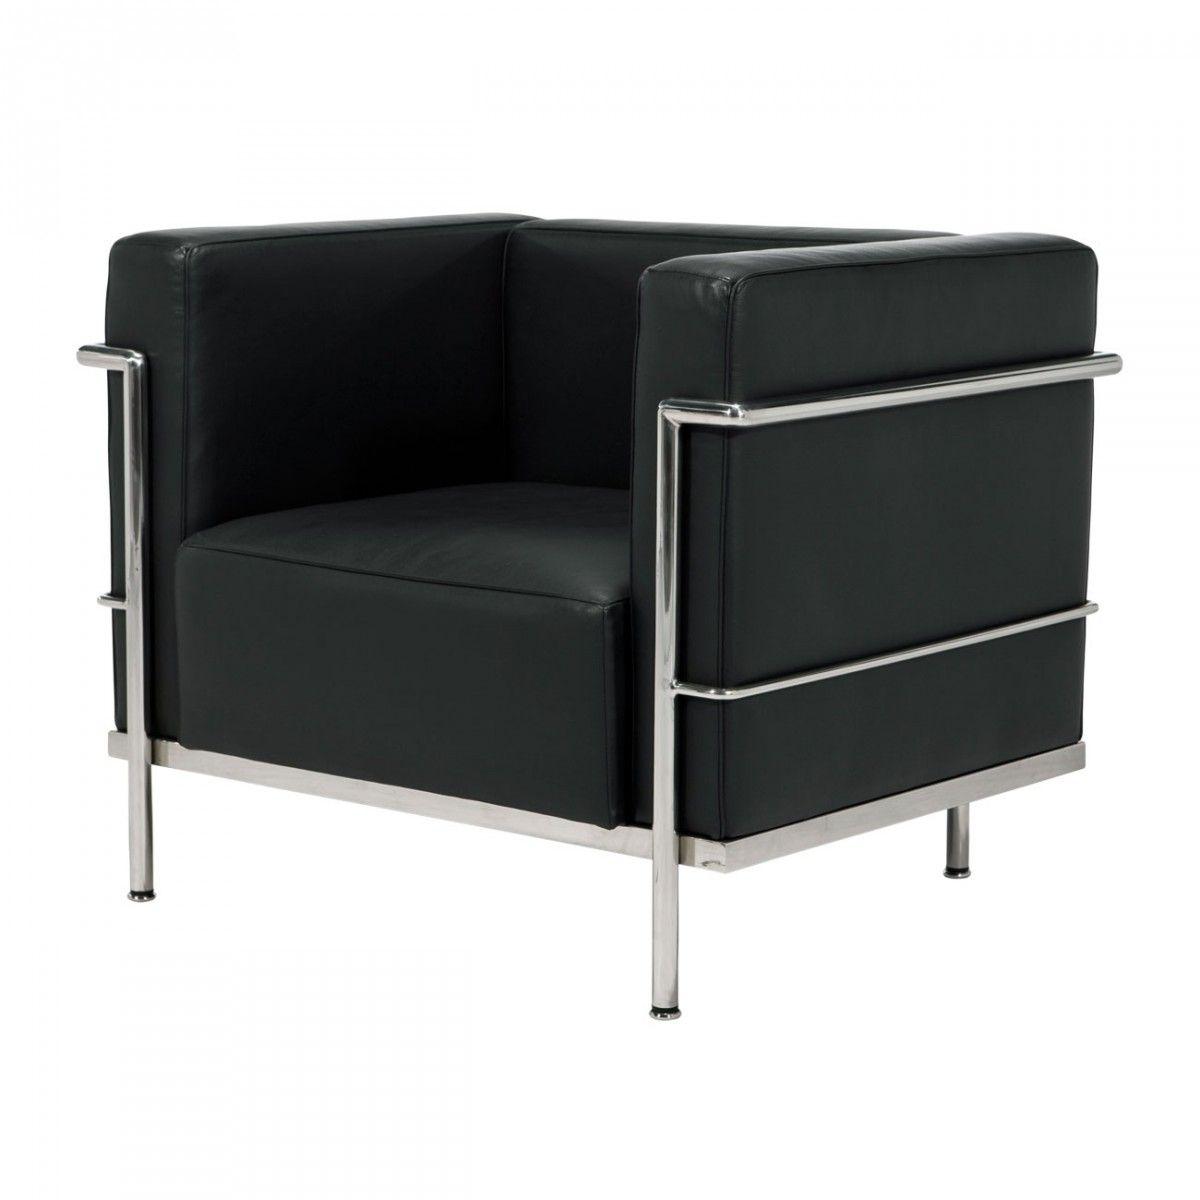 Le corbusier fauteuil fauteuil 2017 for Imitation meubles design